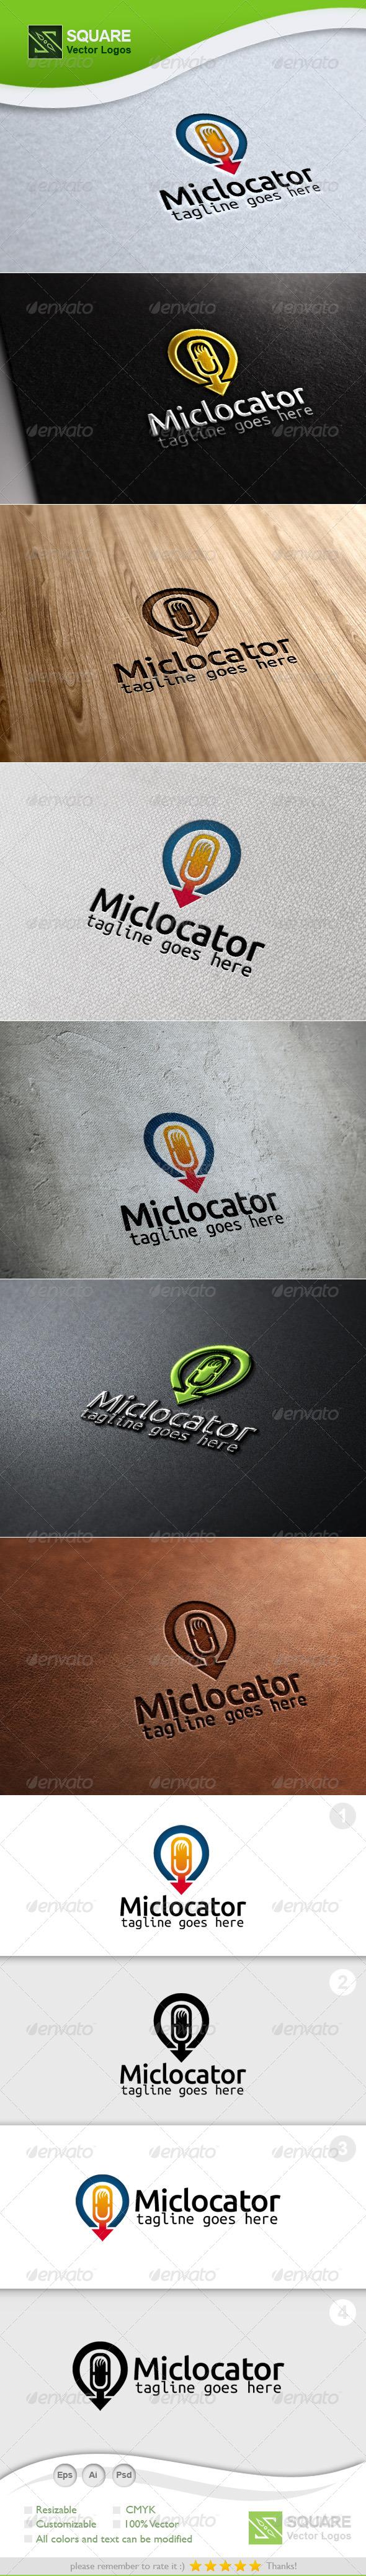 GraphicRiver Mic Locator Vector Logo Template 6694724